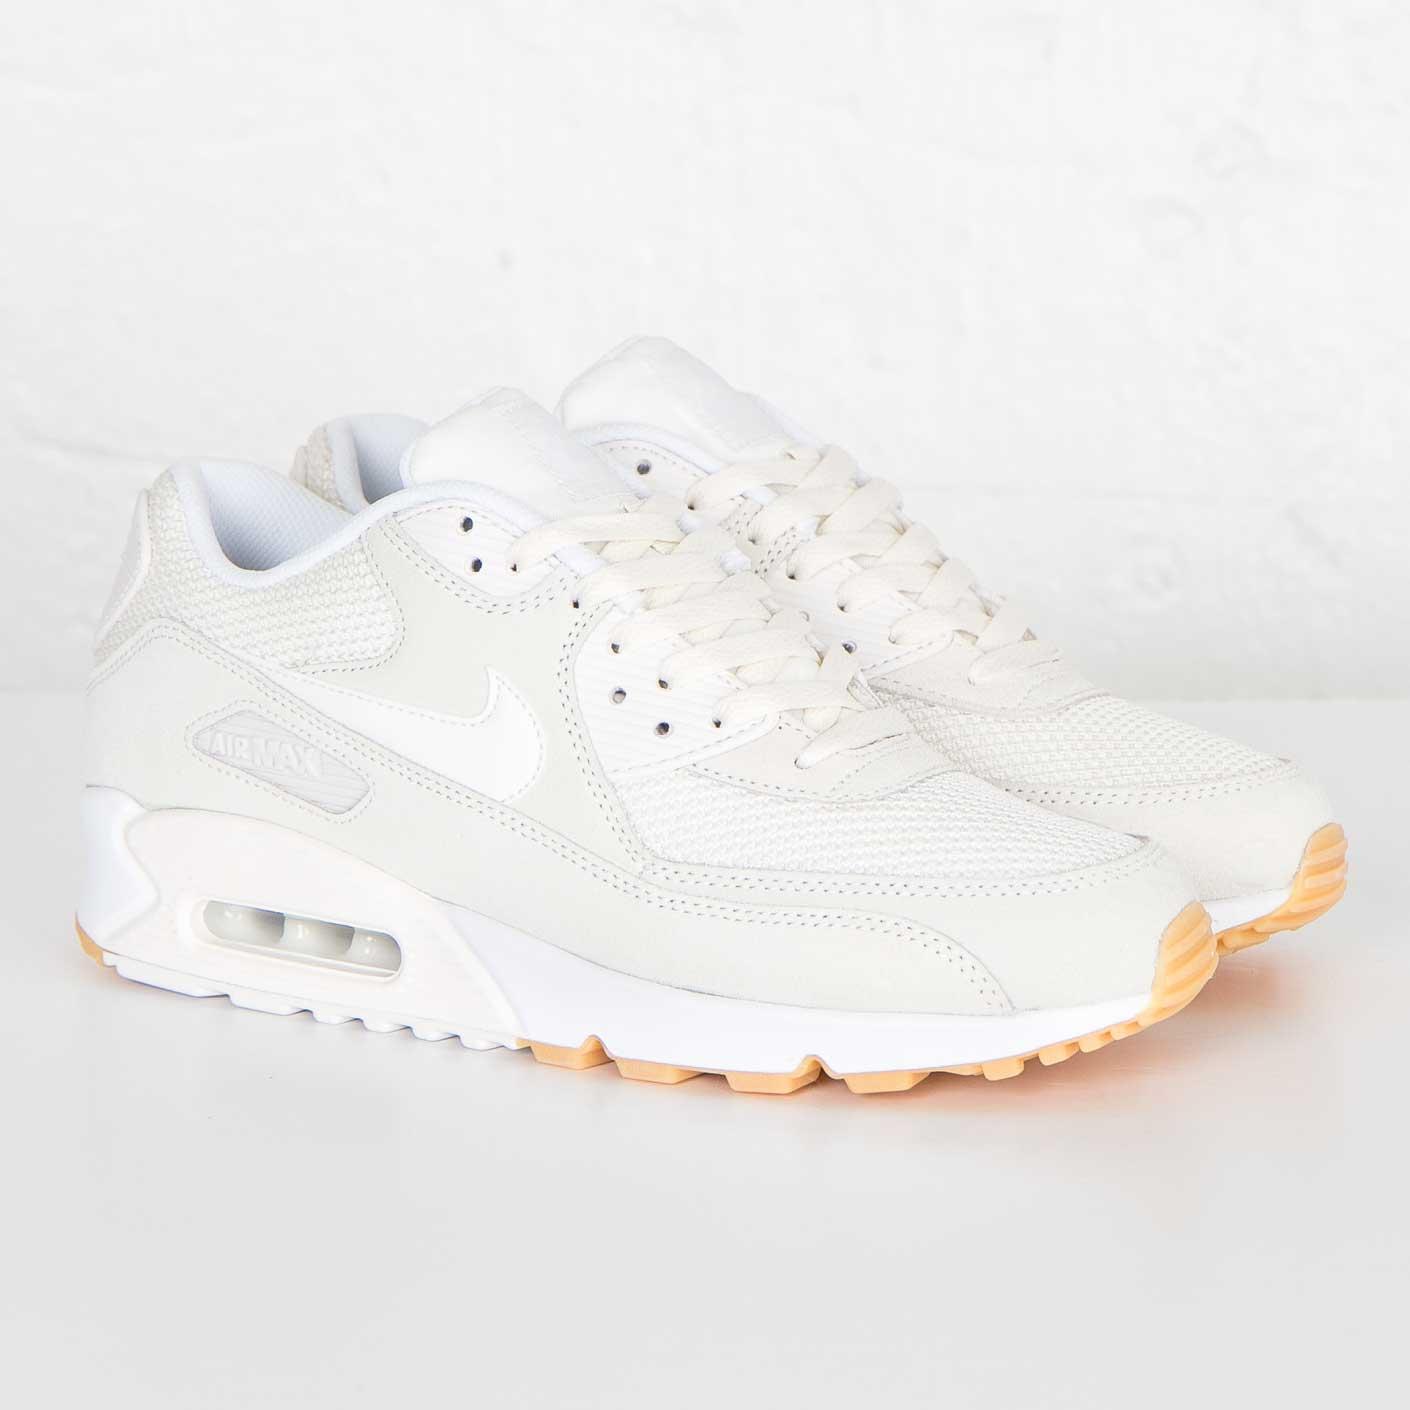 27fc26ec03 Nike Air Max 90 Essential - 537384-055 - Sneakersnstuff | sneakers ...